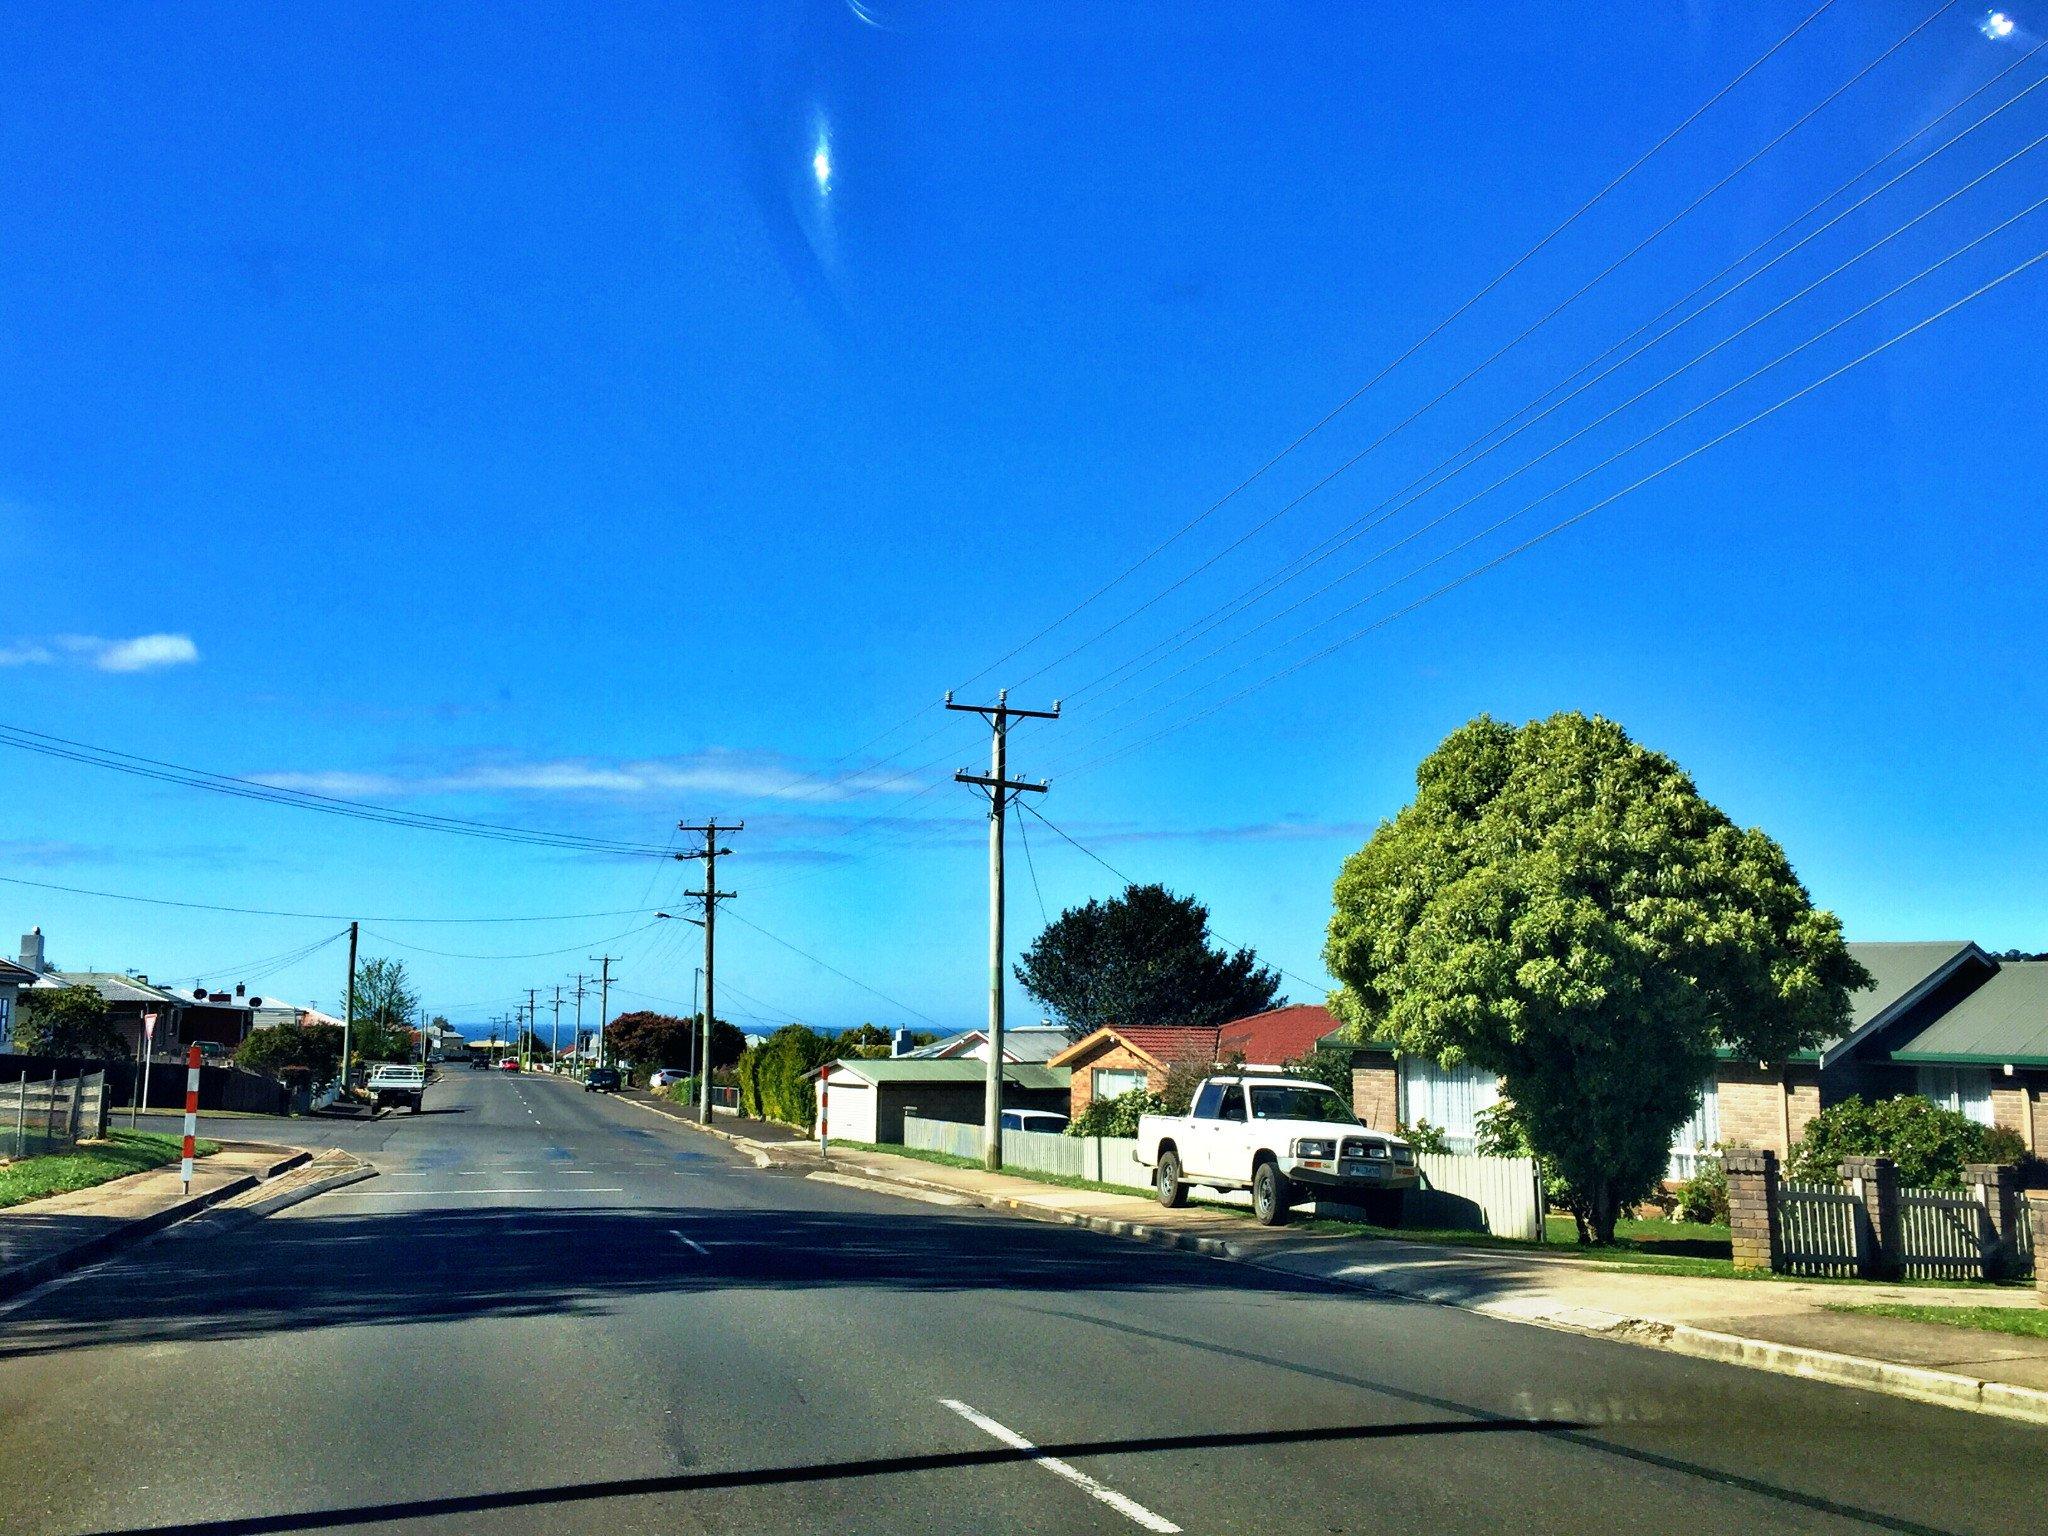 Tasmania-徜徉梦境,邂逅童话